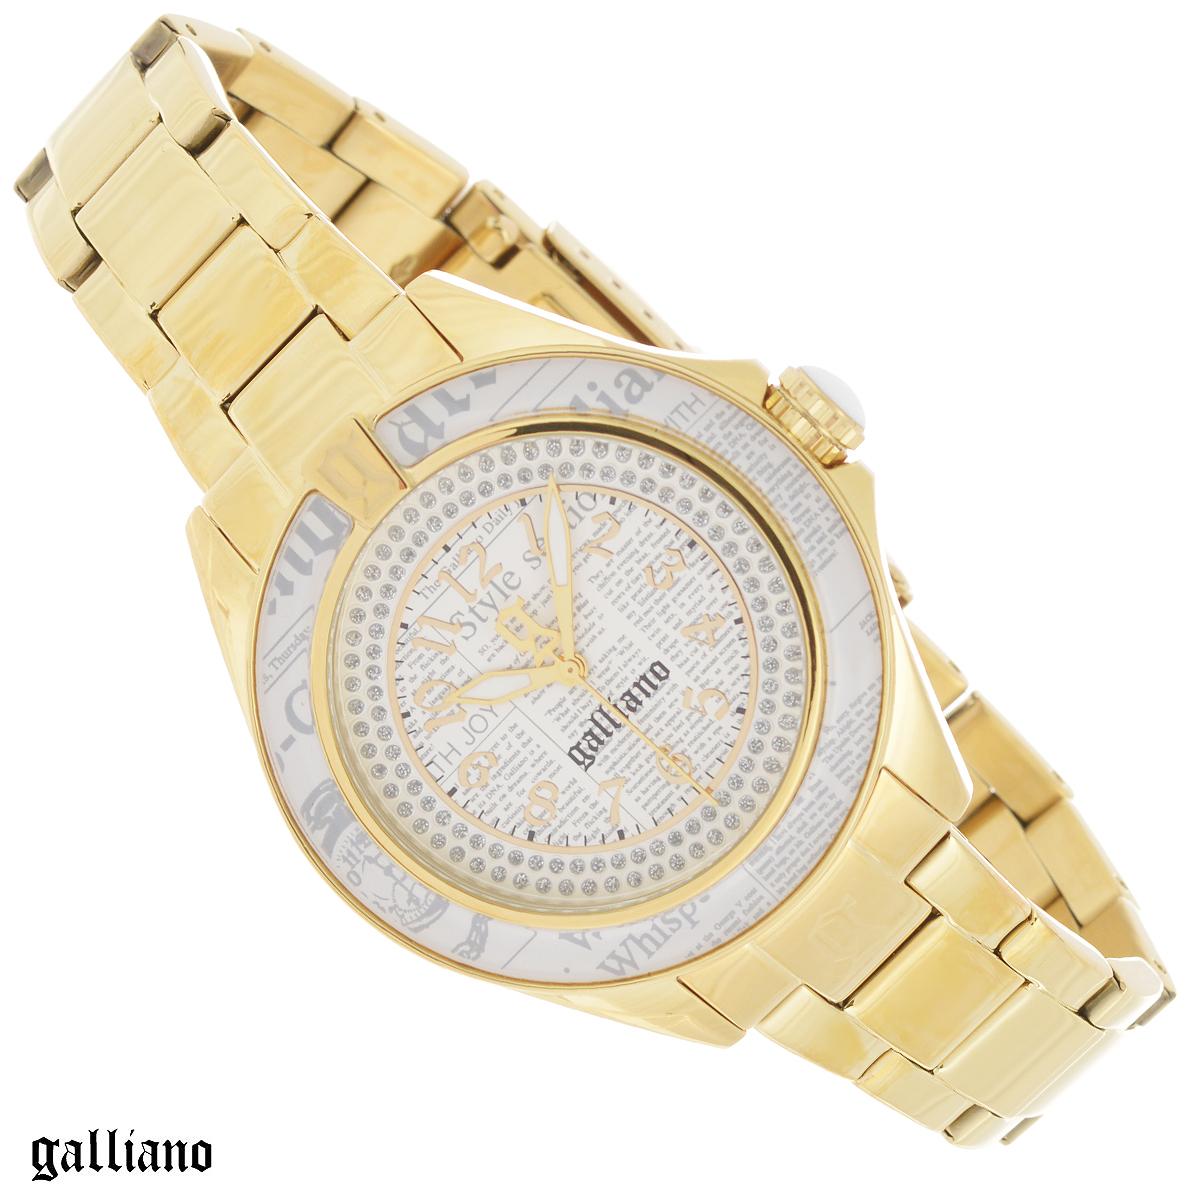 Часы женские наручные Galliano, цвет: золотой. R2553105505EQW-M710DB-1A1Наручные женские часы Galliano оснащены кварцевым механизмом. Корпус выполнен из высококачественной нержавеющей стали с PVD-покрытием, безель - из высокотехнологичной смолы. Циферблат с арабскими цифрами декорирован кристаллами и защищен минеральным стеклом. Часы имеют три стрелки - часовую, минутную и секундную. Заводная головка с защитой украшена камнем в форме кабошона. Циферблат и безель украшены принтом газета. Браслет часов выполнен из нержавеющей стали с PVD-покрытием оснащен раскладывающейся застежкой.Часы укомплектованы паспортом с подробной инструкцией. Часы Galliano благодаря своему великолепному дизайну и качеству исполнения станут главным акцентом вашего образа. Характеристики: Диаметр циферблата: 2,9 см.Размер корпуса: 3,9 см х 3,9 см х 1 см.Длина браслета (с корпусом): 24,5 см.Ширина браслета: 1,5 см.